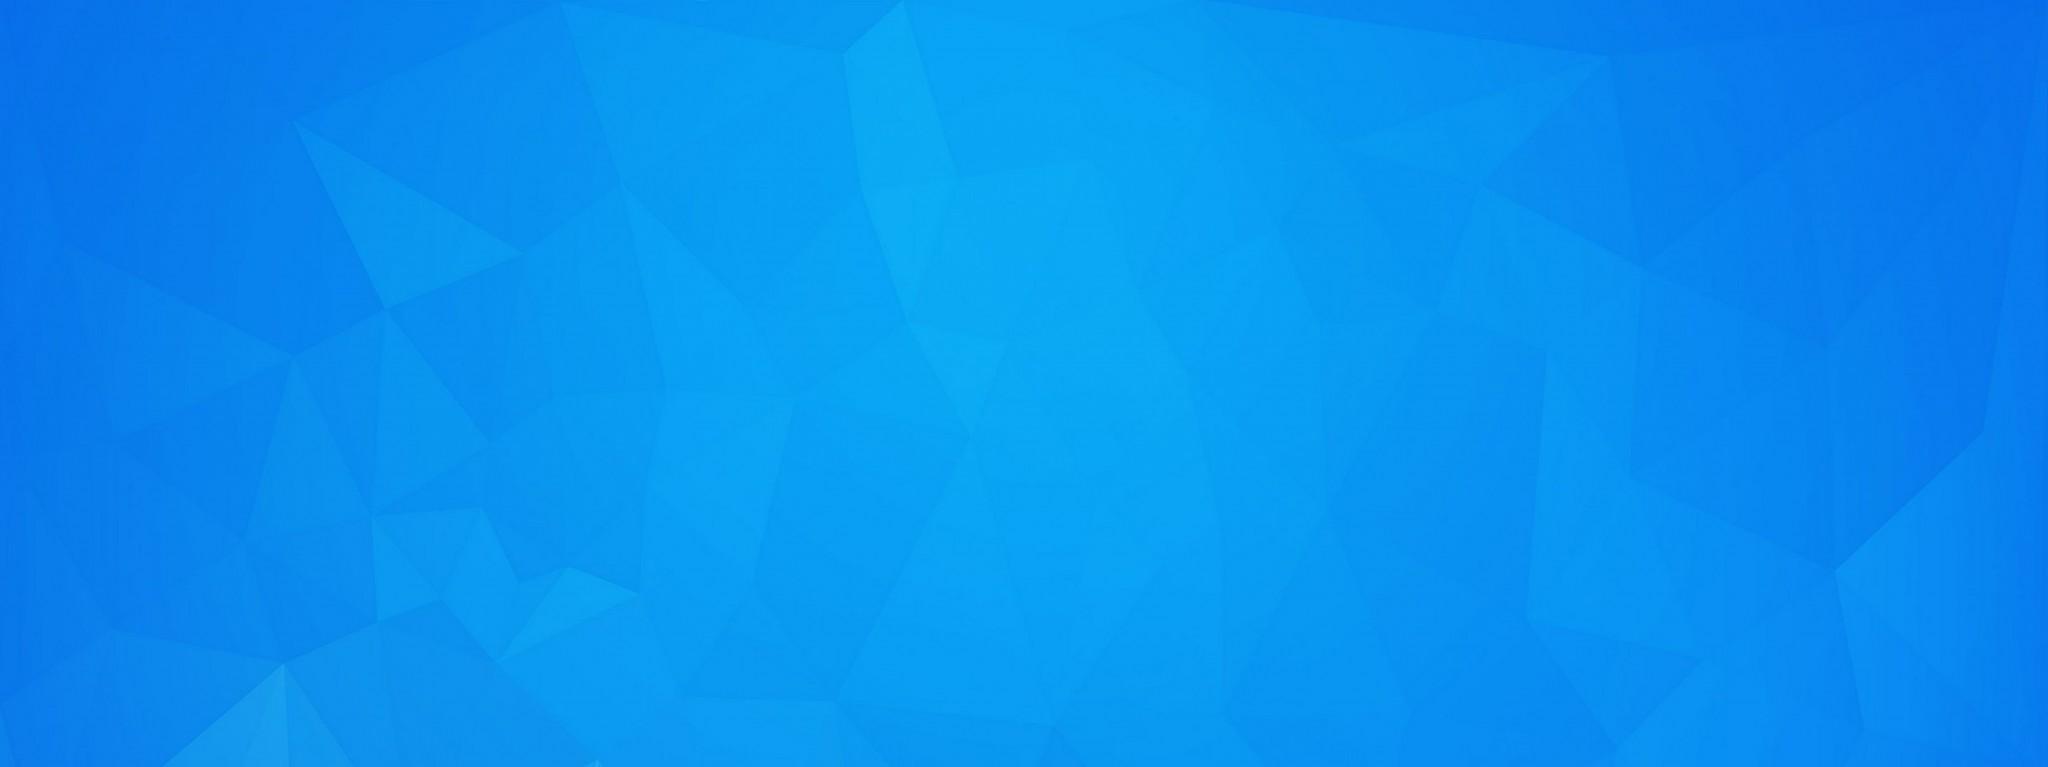 blue-bg-large